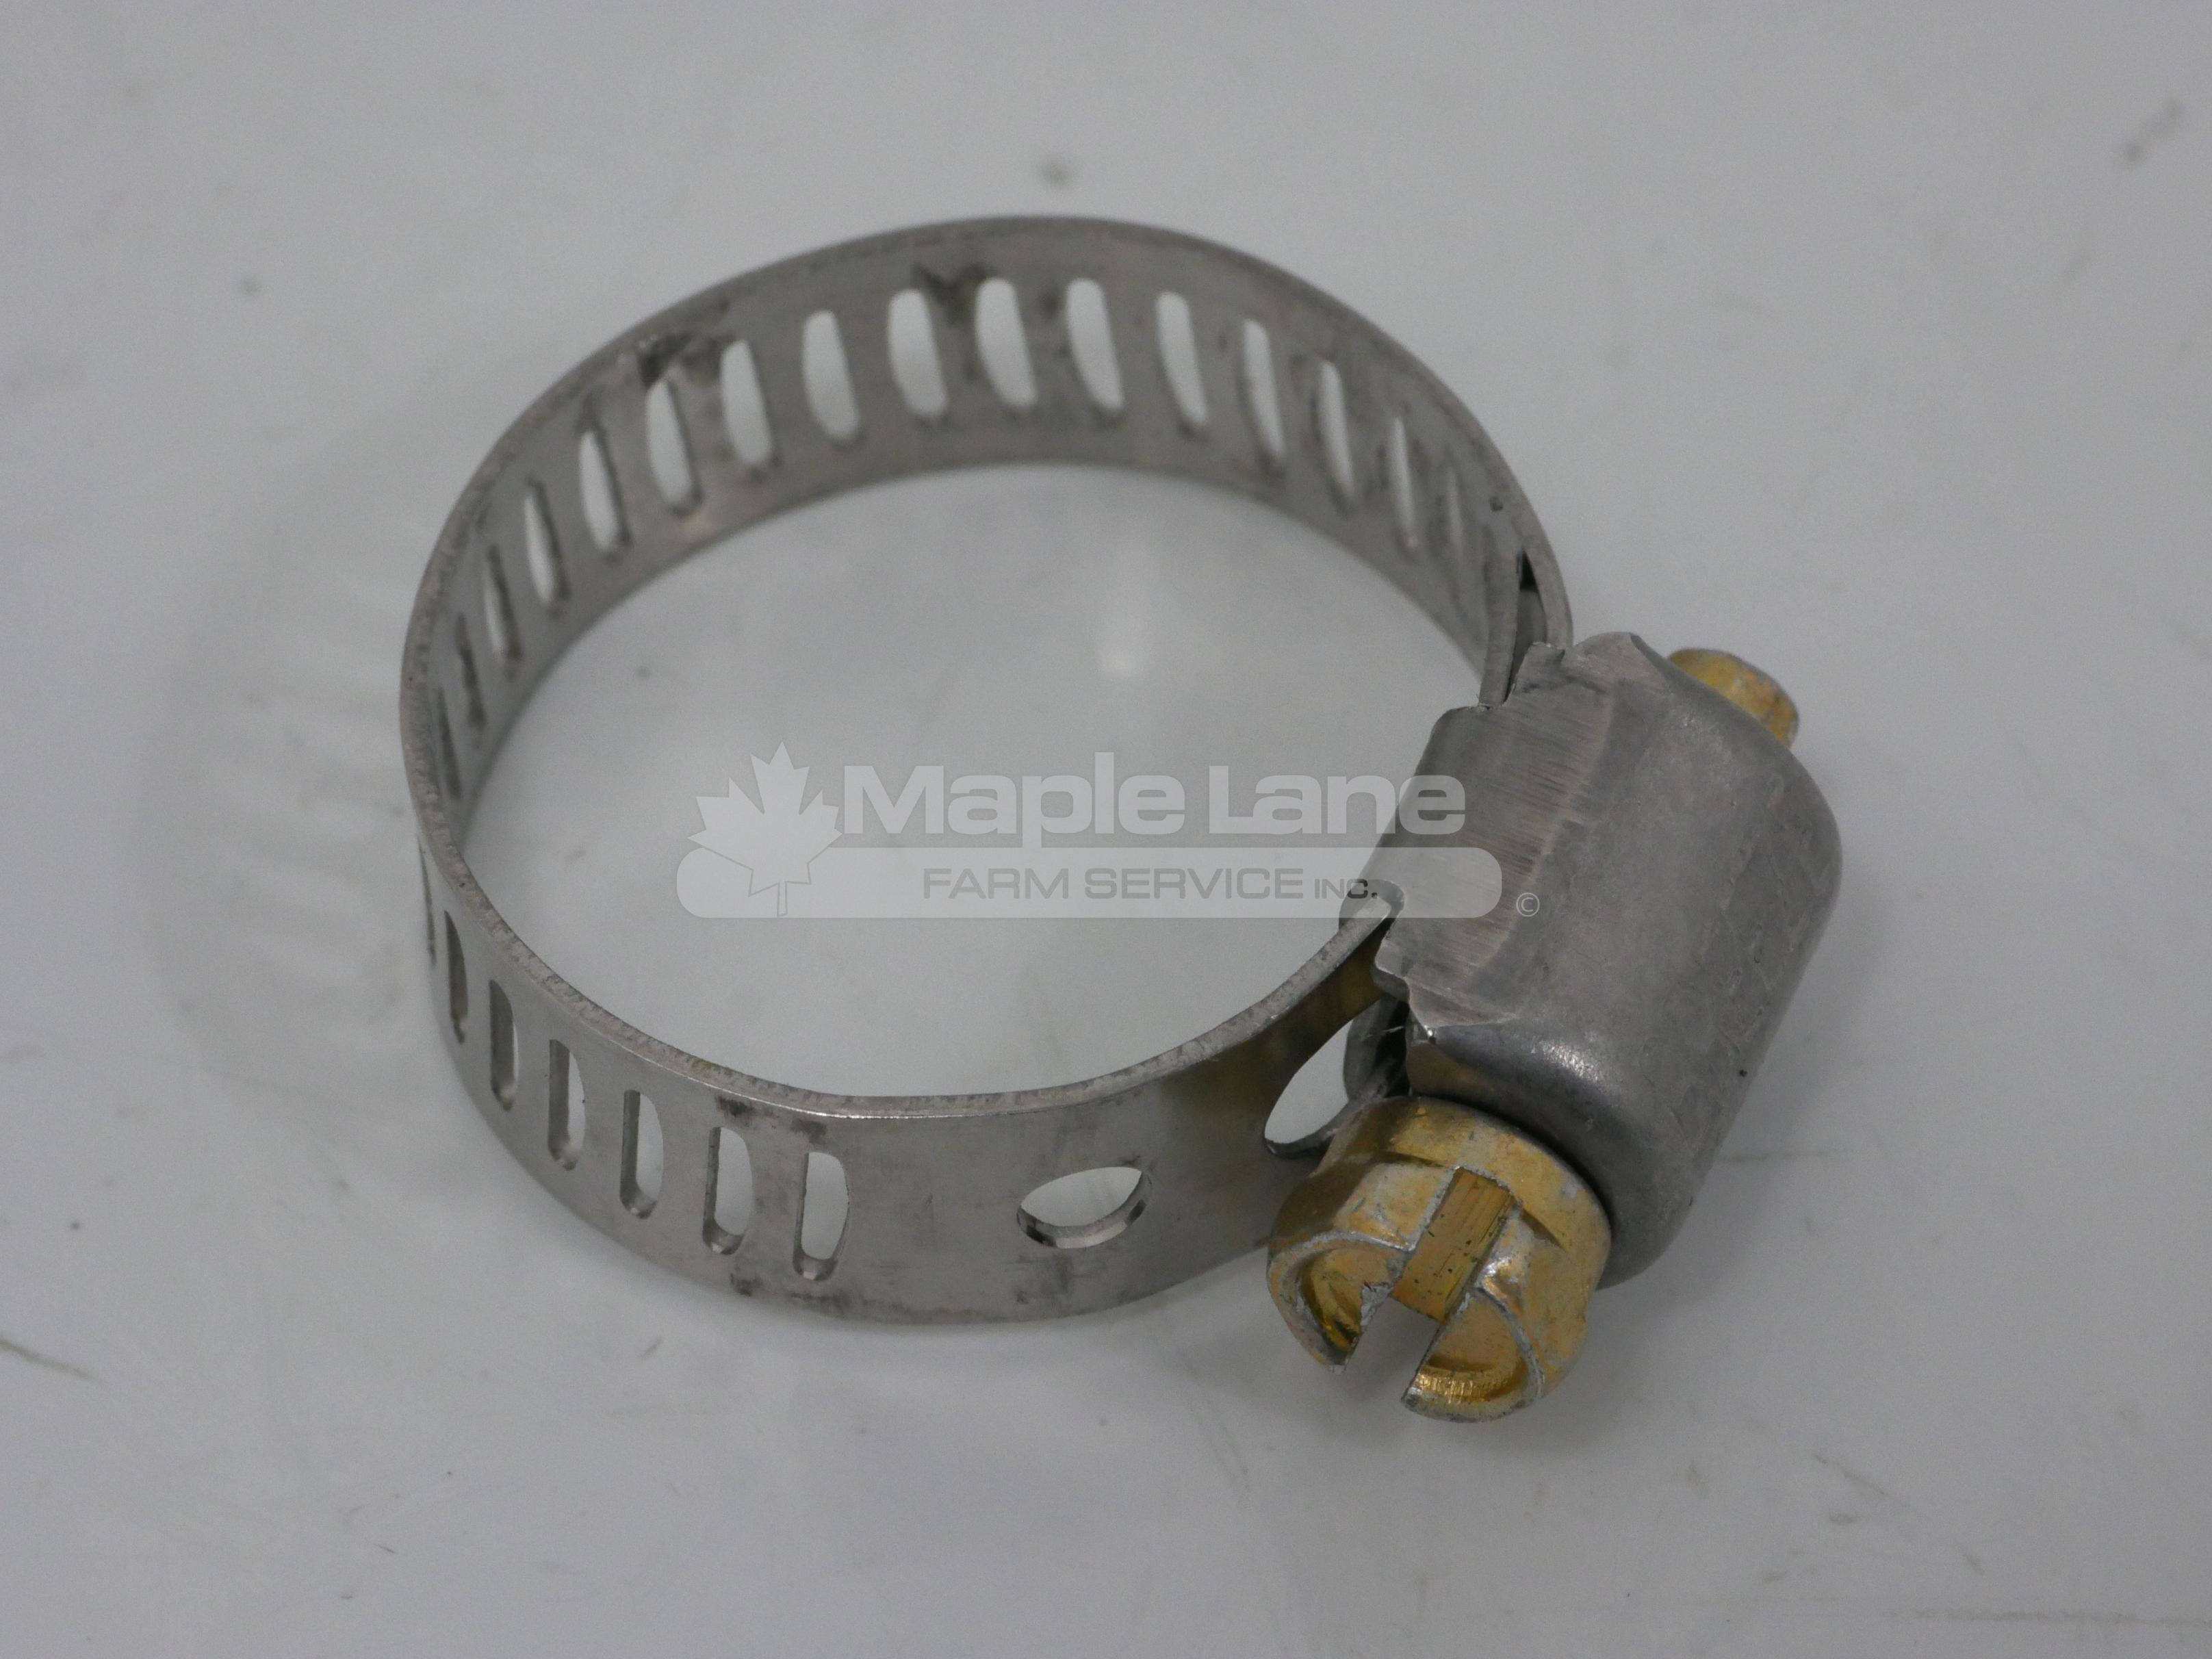 AG561366 Narrow Clamp